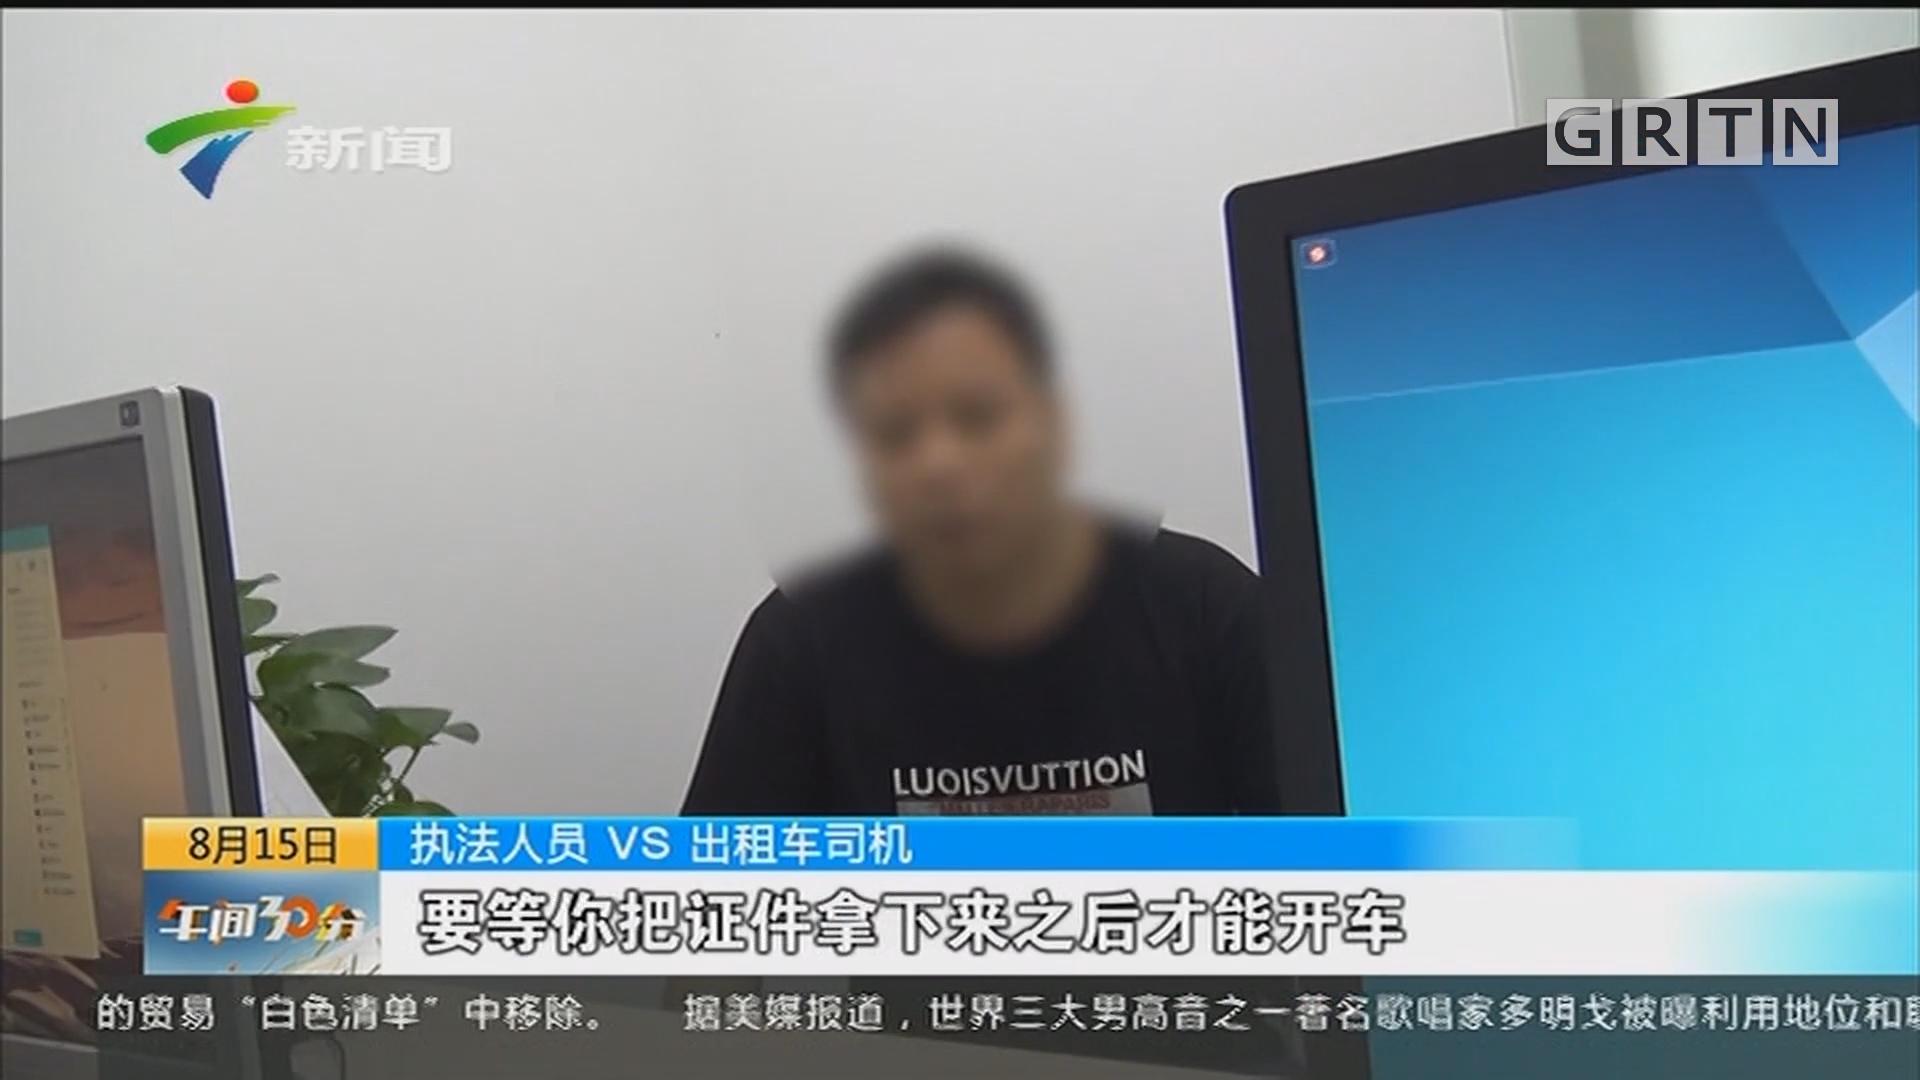 廣州 記者調查:打車遭司機議價后被趕下車